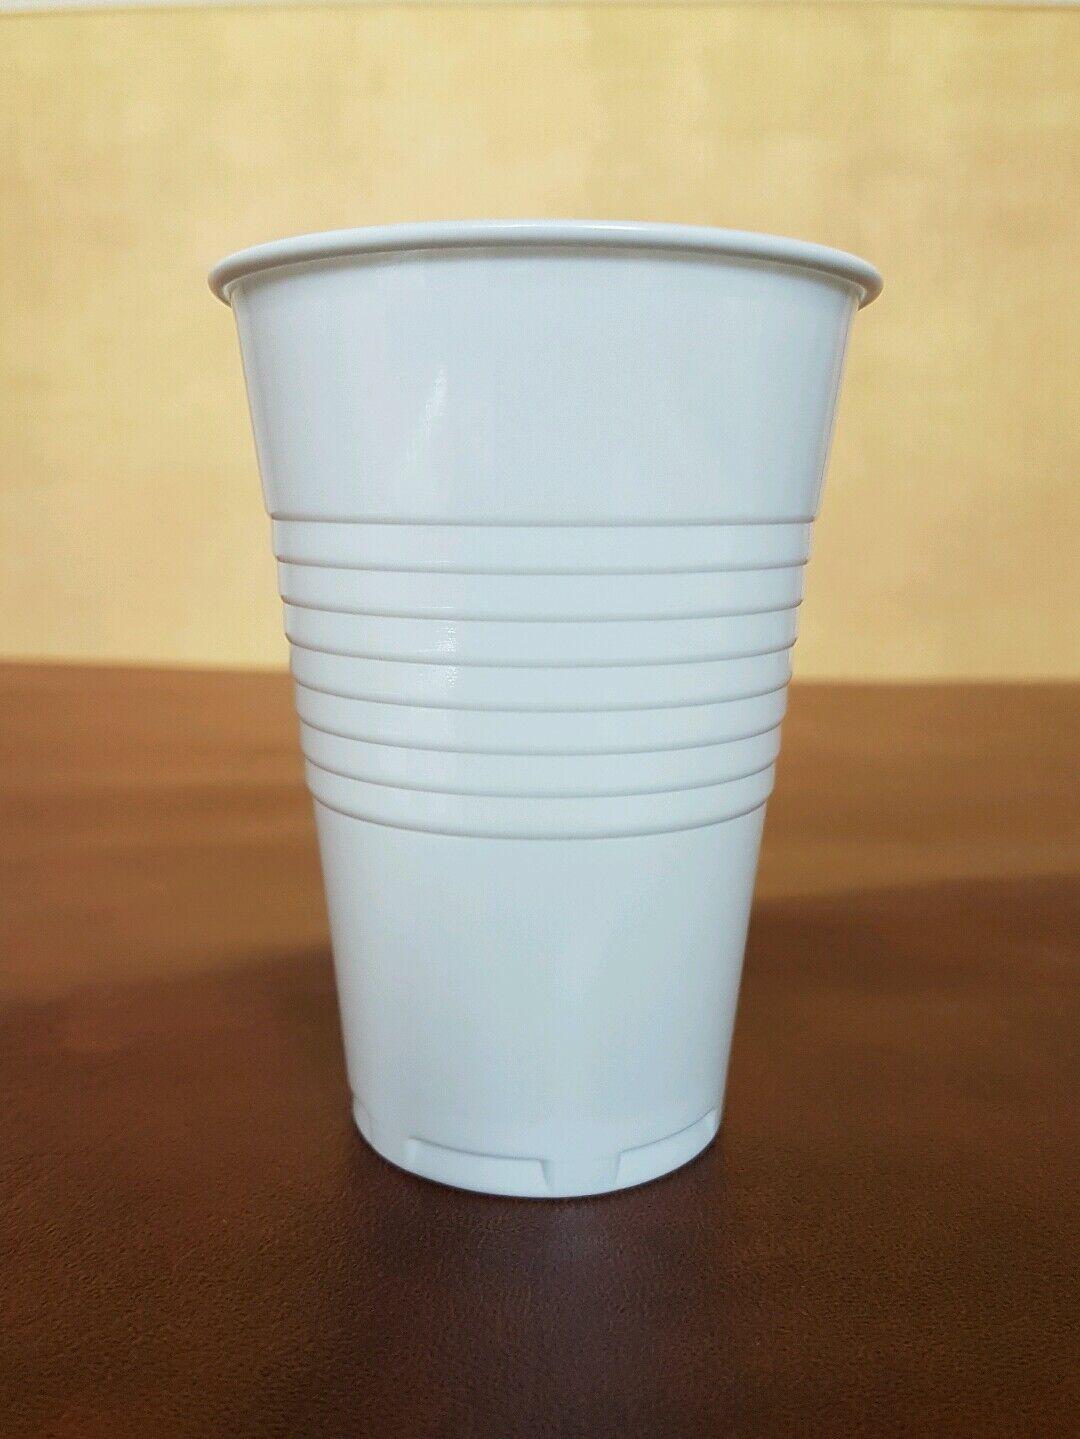 2000 x haute qualité en plastique blanc 9 oz (environ 255.14 255.14 (environ g) Jetable Tasses Vending Cups f8a8a3